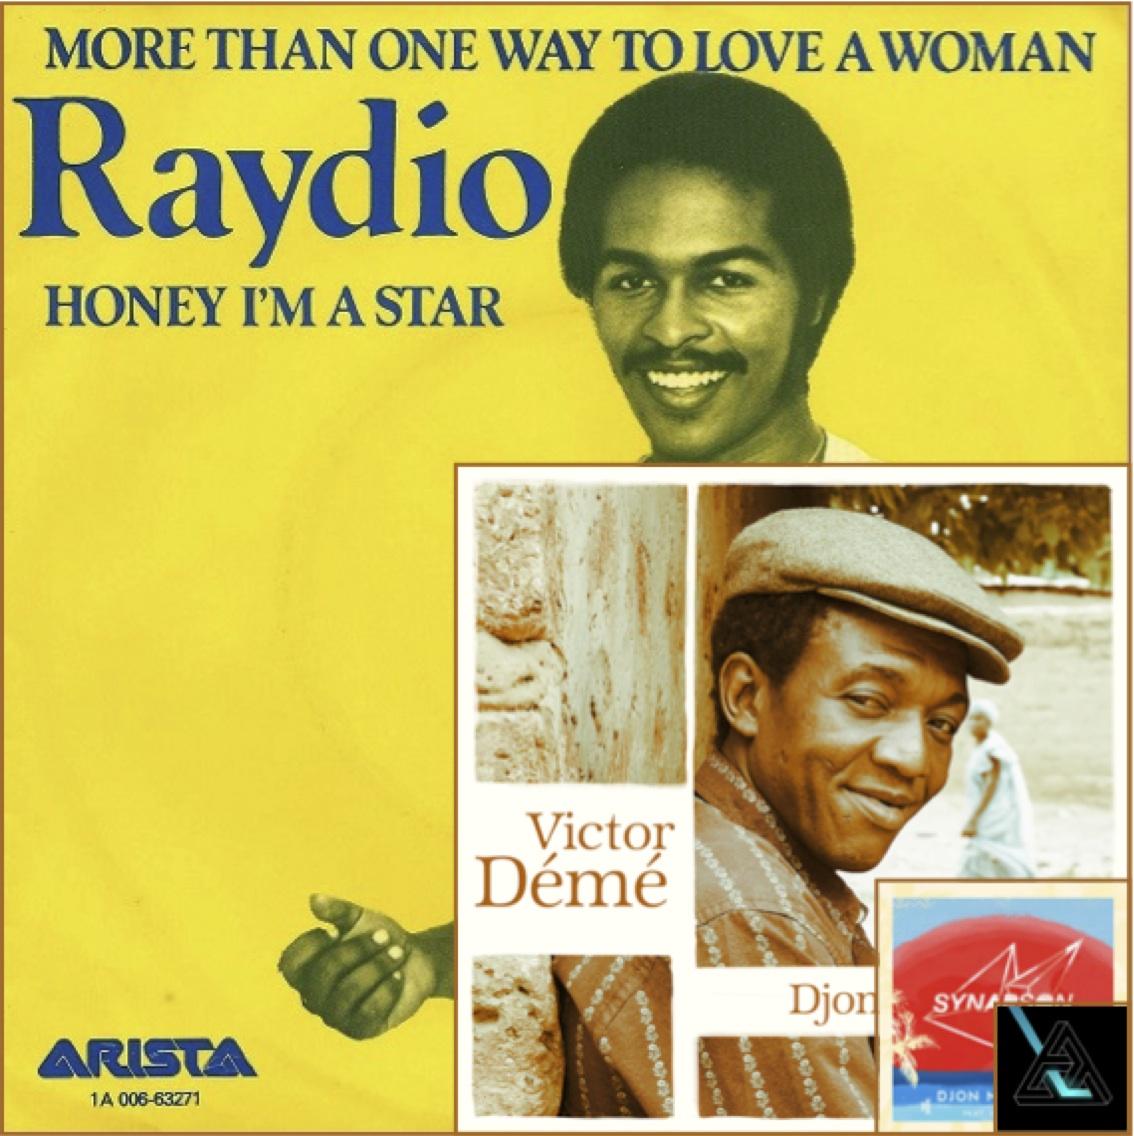 Tout est un remix. Raydio 1978 – Victor Demé 2008 – Synapson 2014.